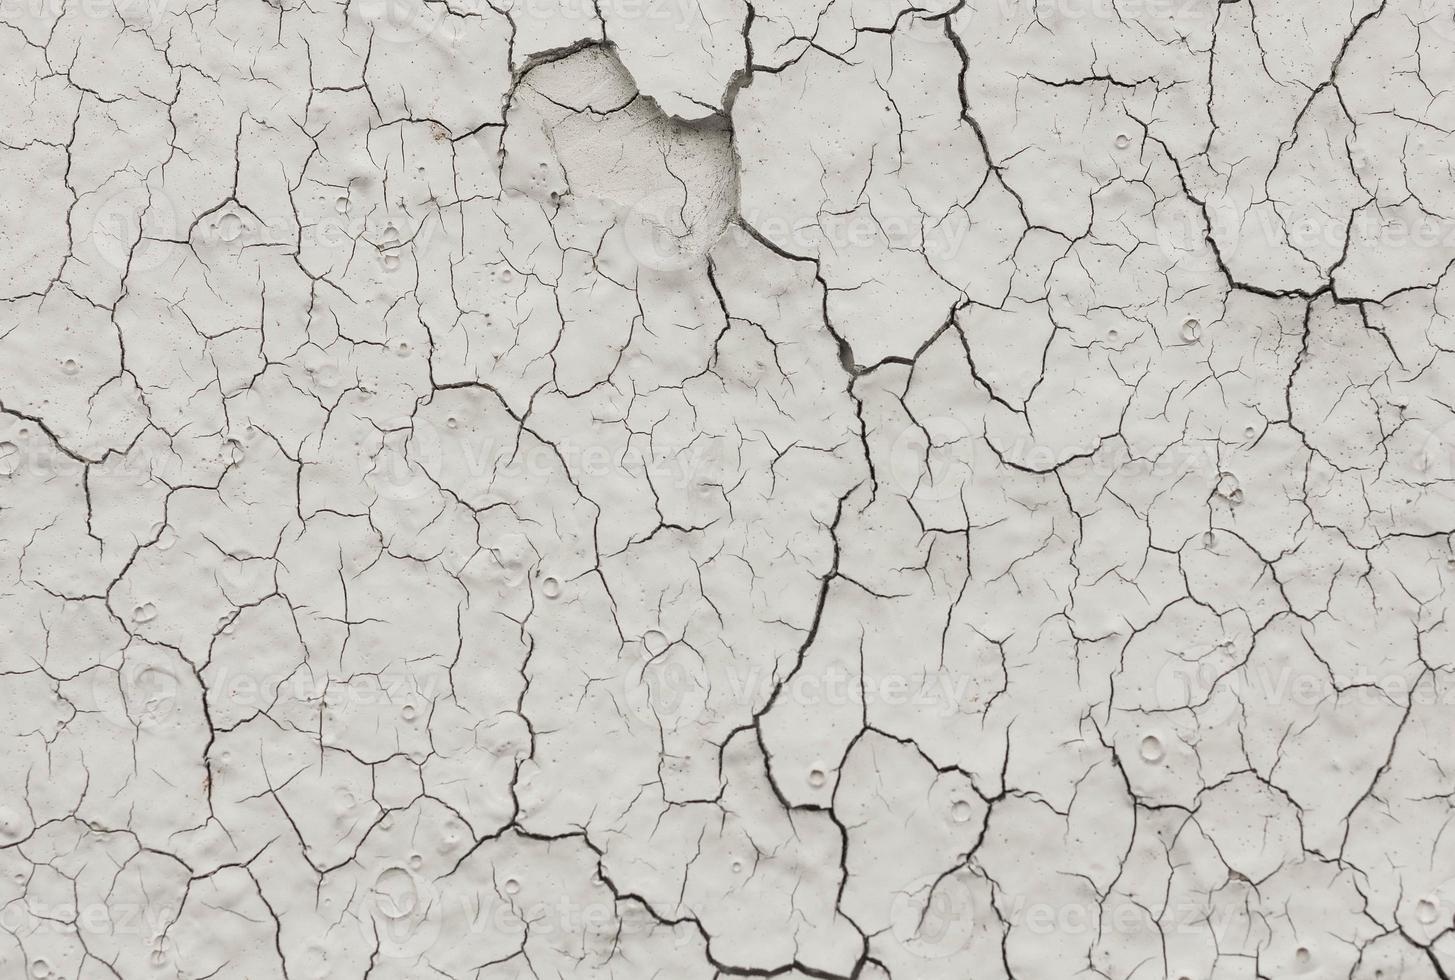 geschilderde gebarsten muur textuur foto